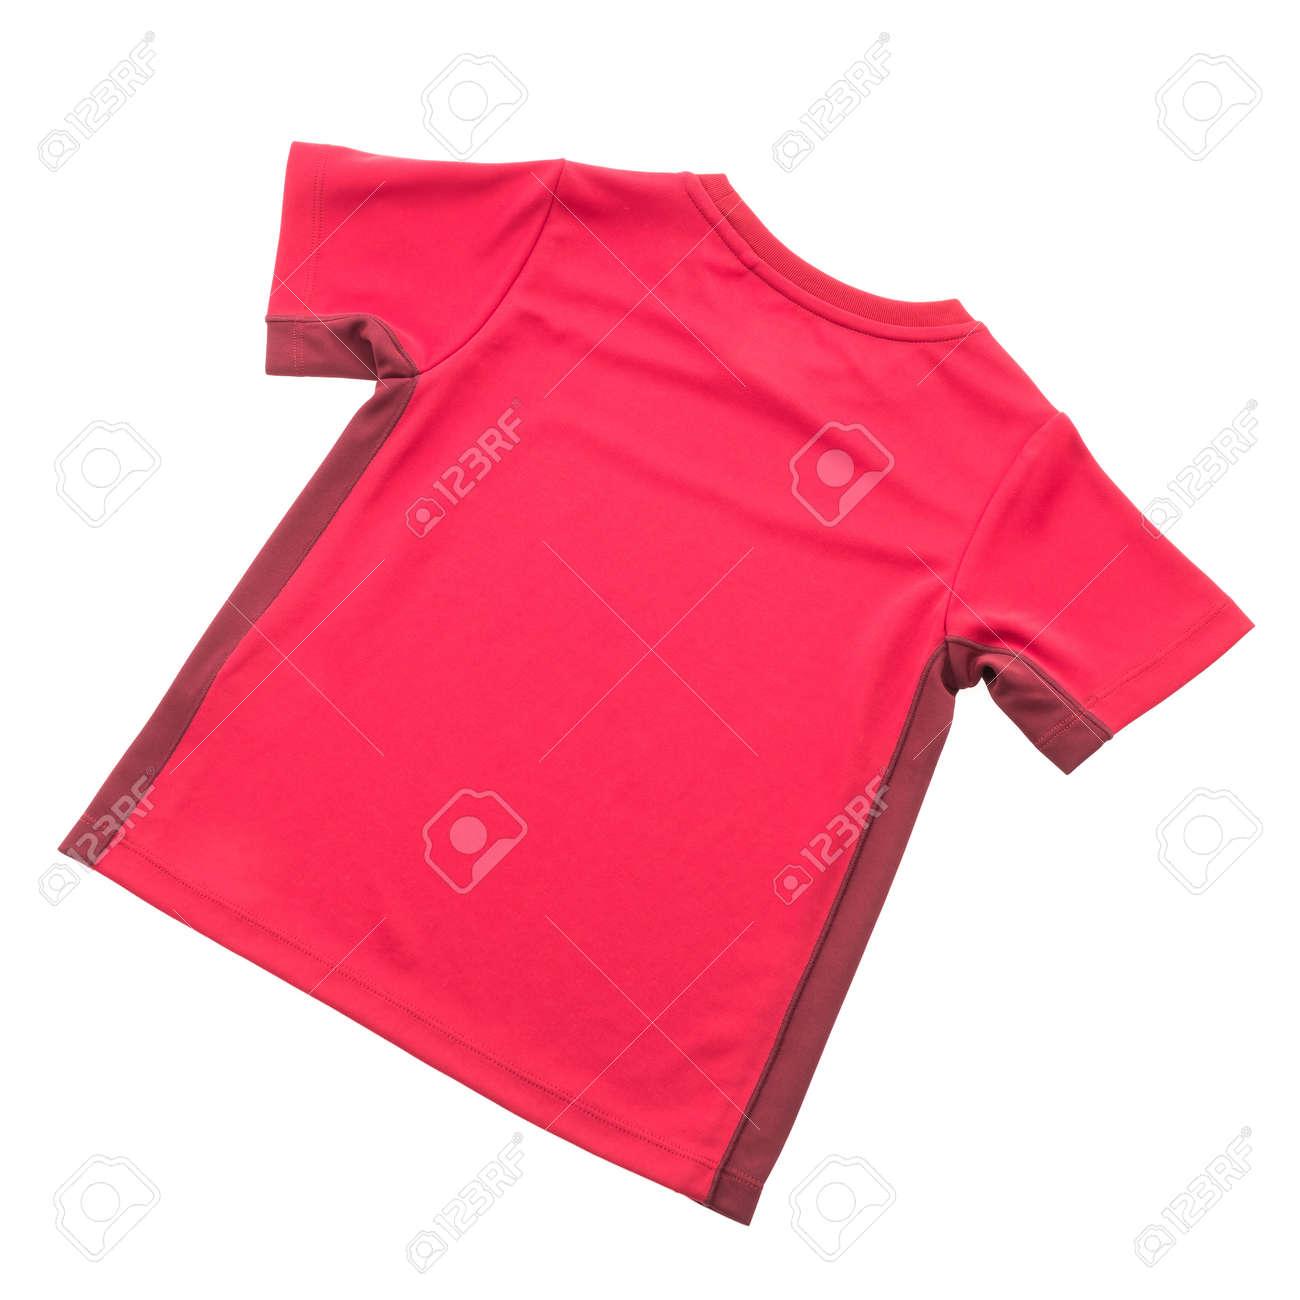 timeless design ac006 522a5 Camicia rossa T per l'abbigliamento isolato su sfondo bianco